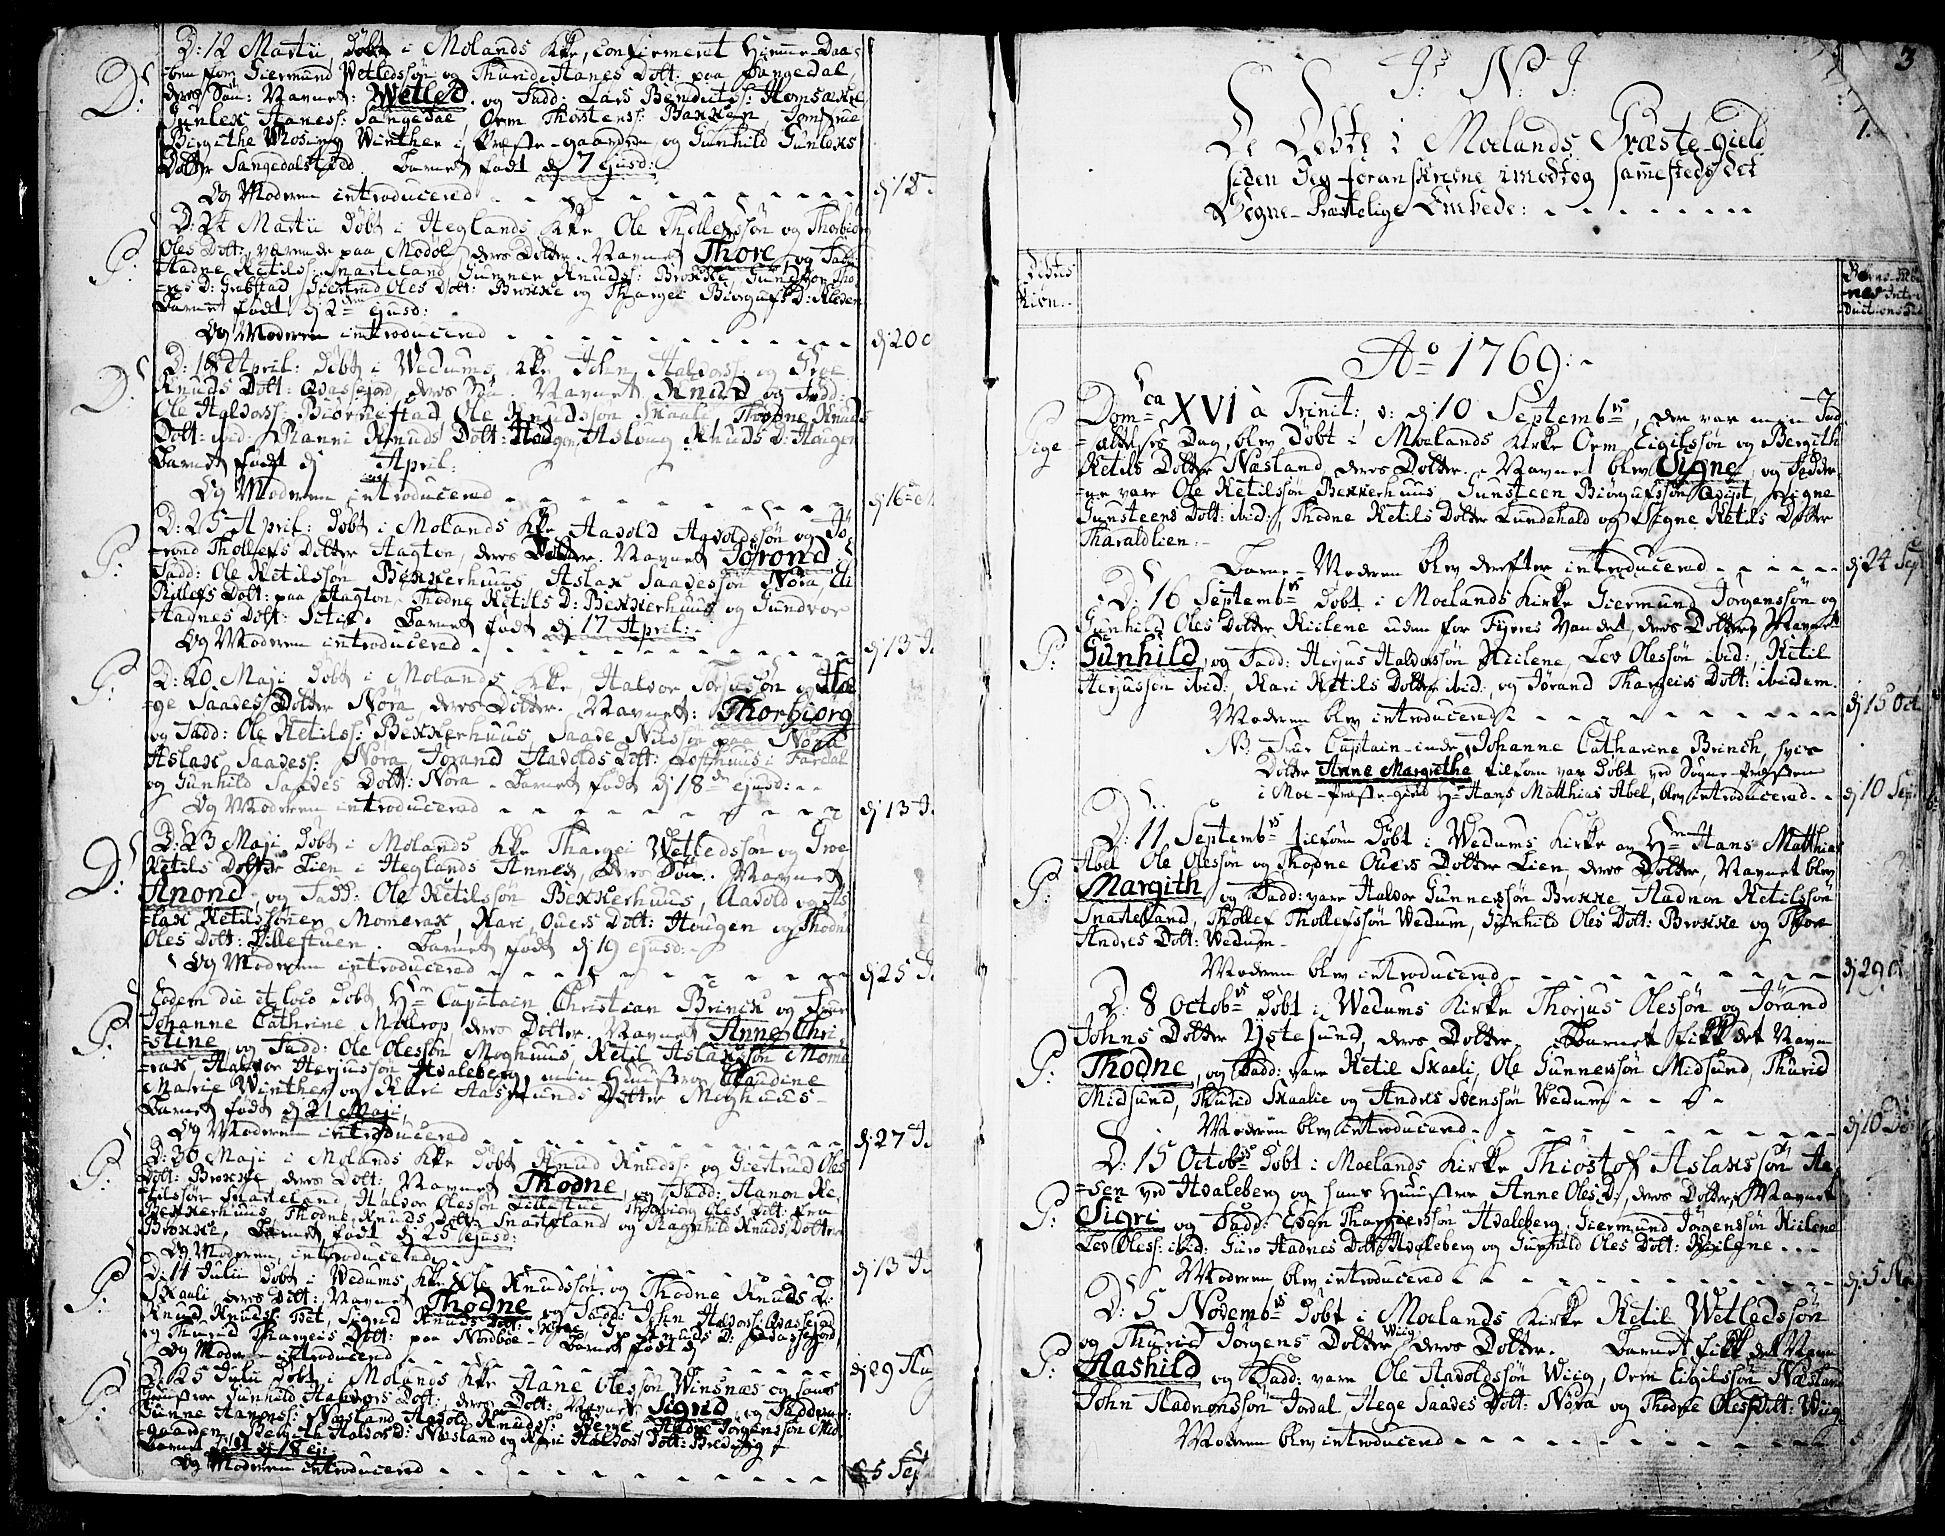 SAKO, Fyresdal kirkebøker, F/Fa/L0002: Ministerialbok nr. I 2, 1769-1814, s. 1